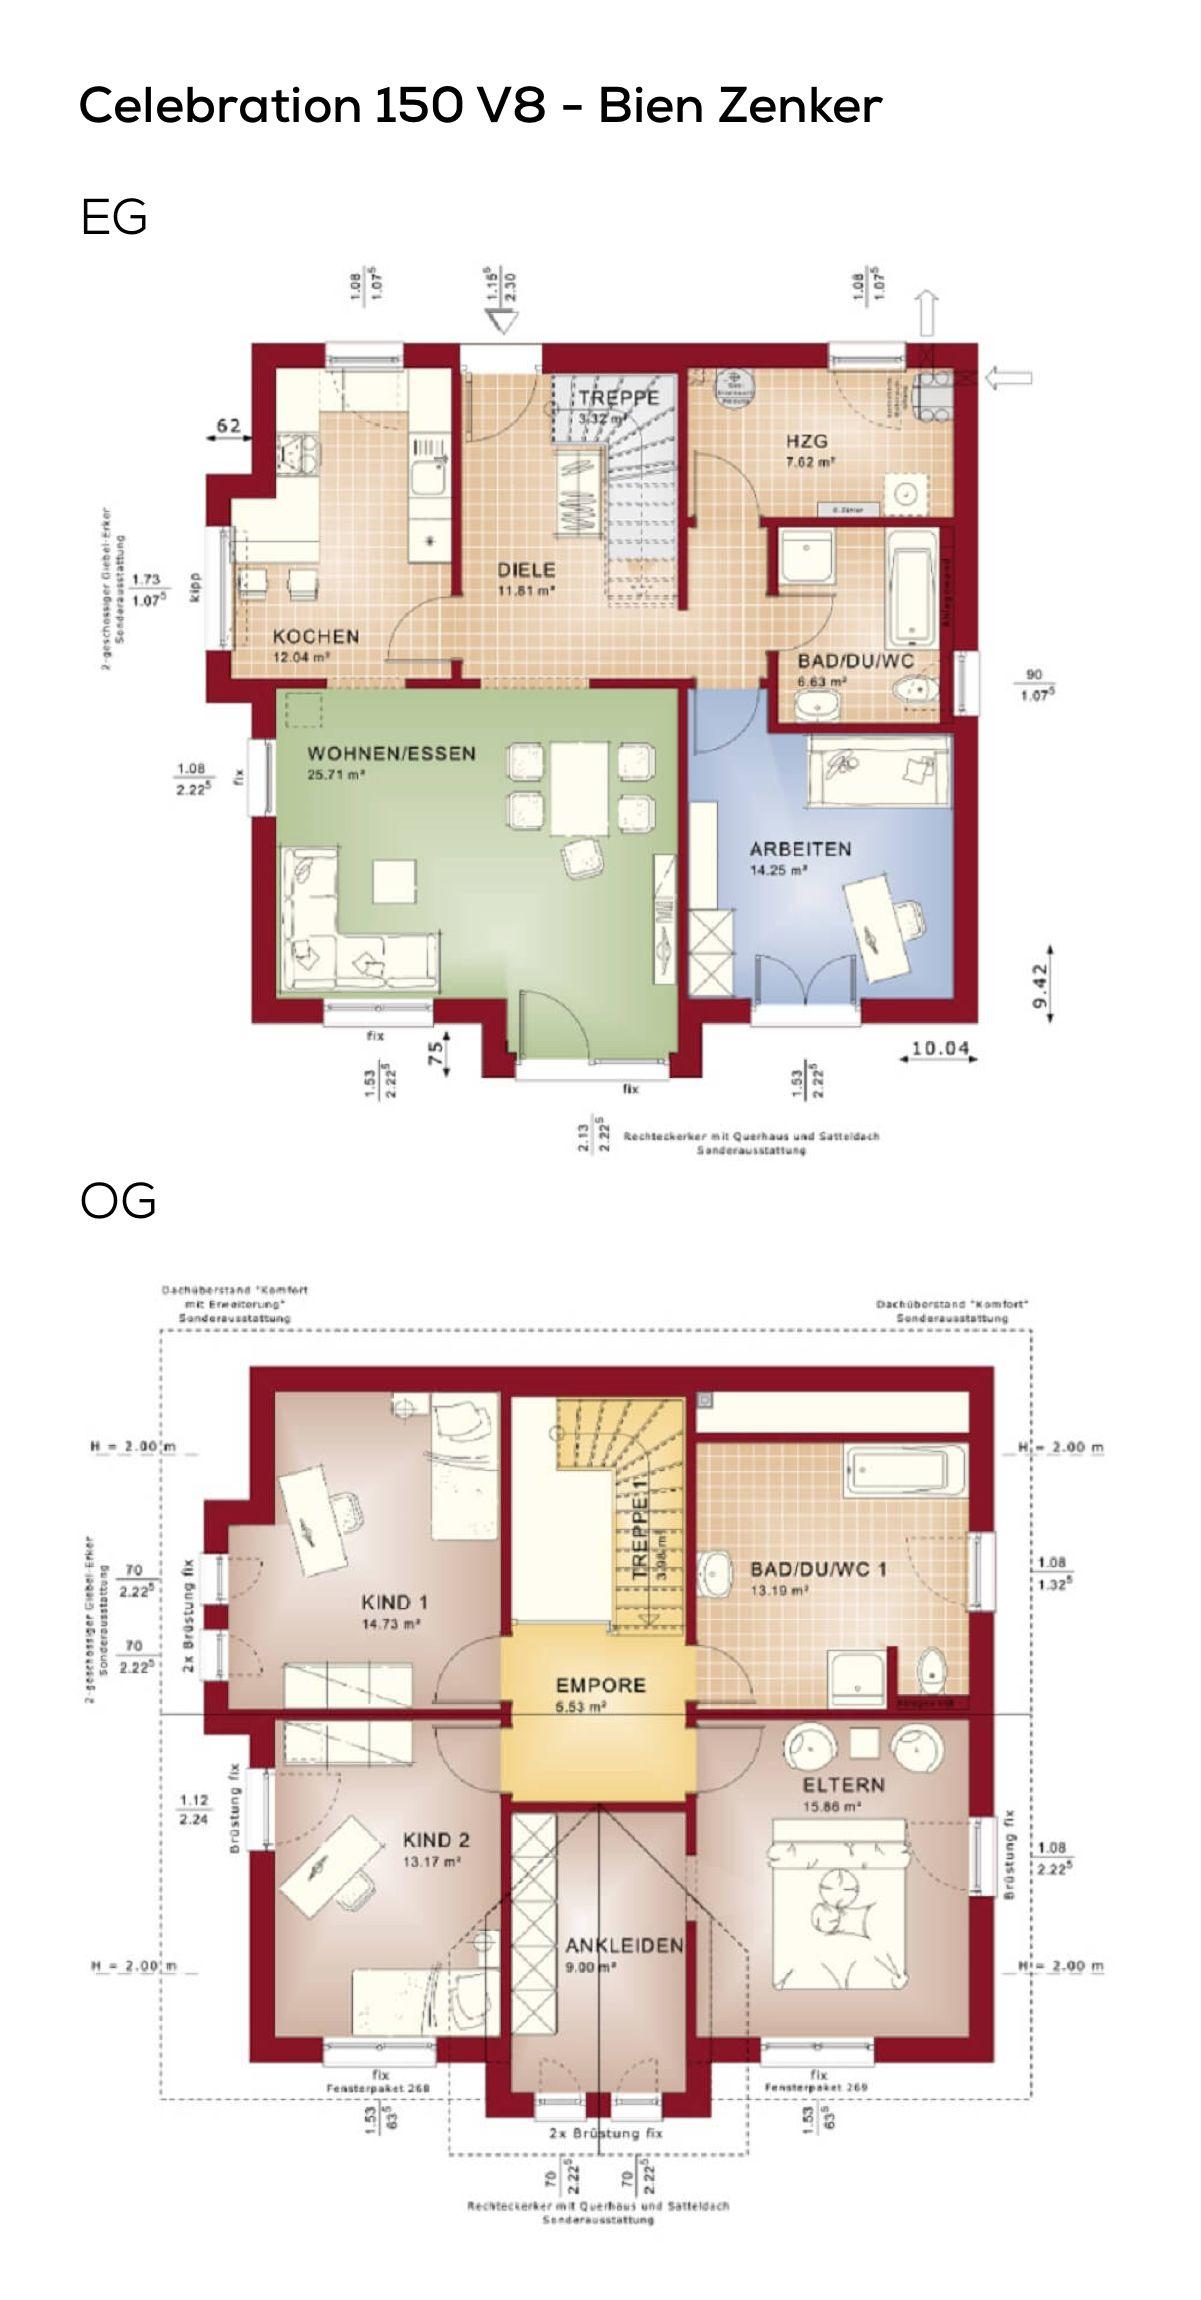 grundriss einfamilienhaus moderner landhausstil 6 zimmer 150 qm wohnflche treppe mit galerie